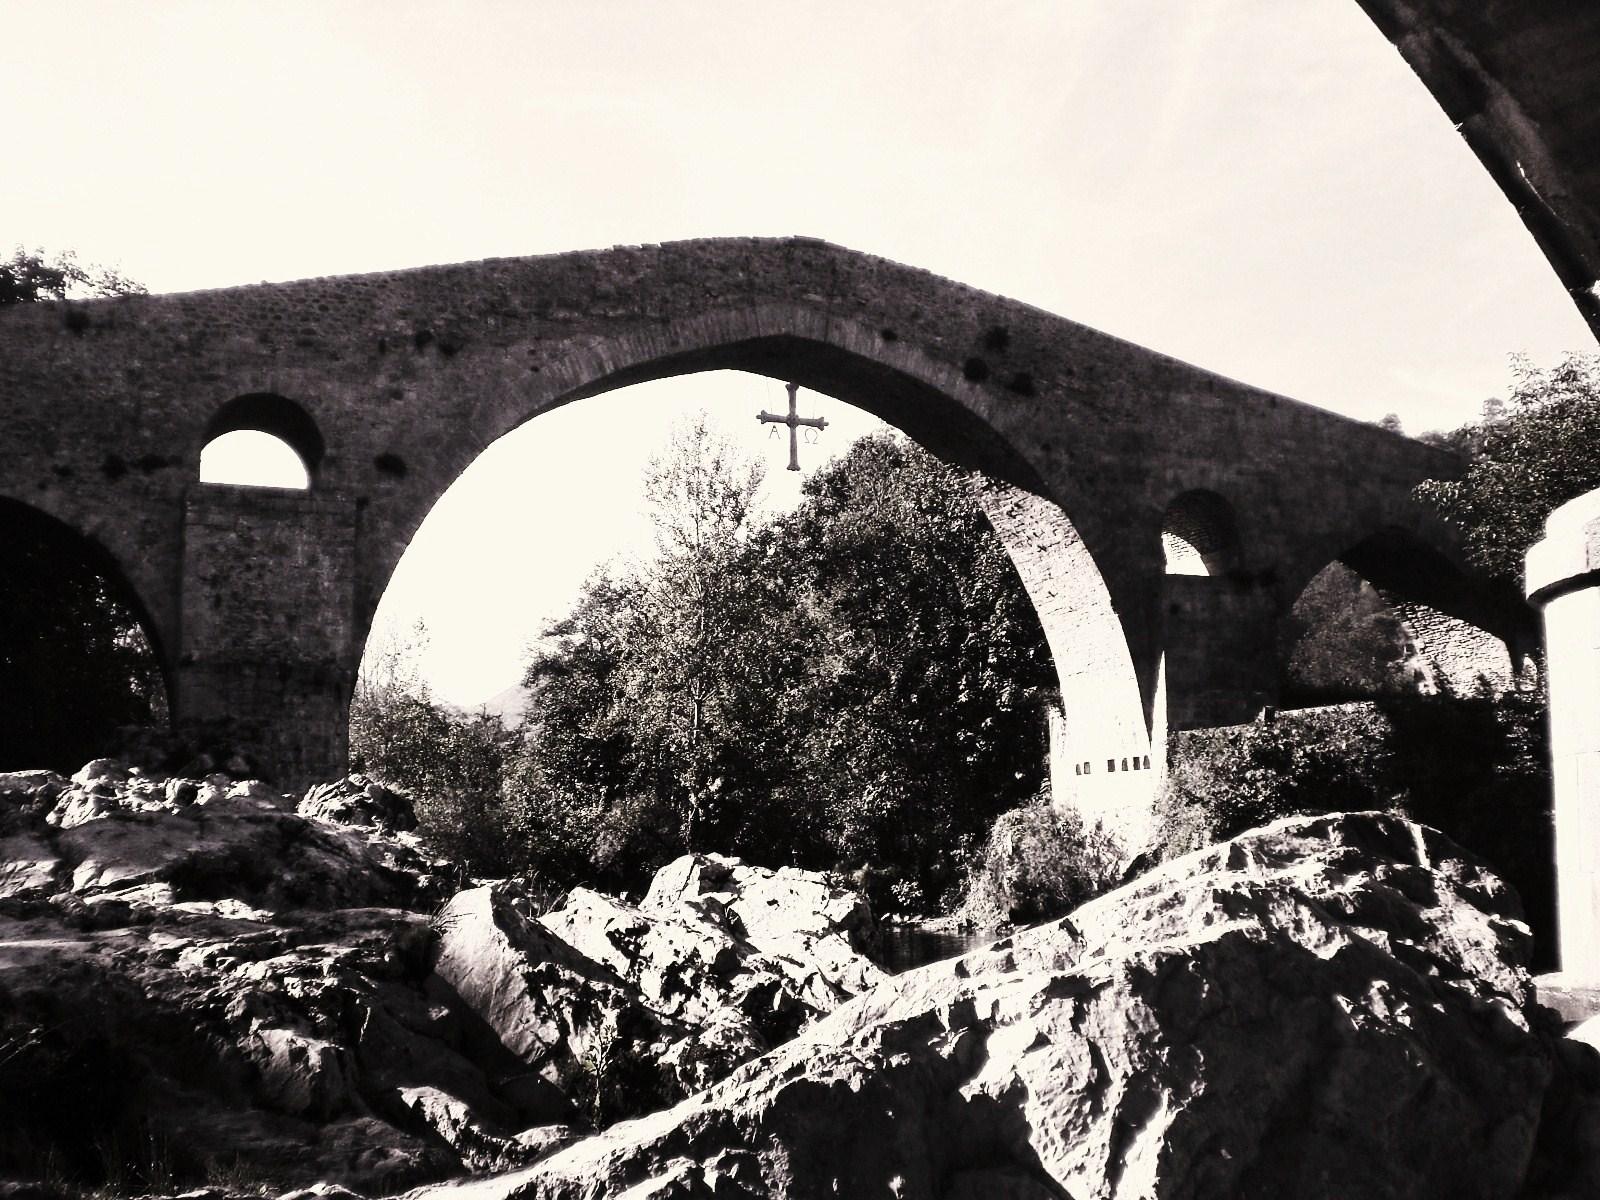 puente-romano-de-cangas-de-onis